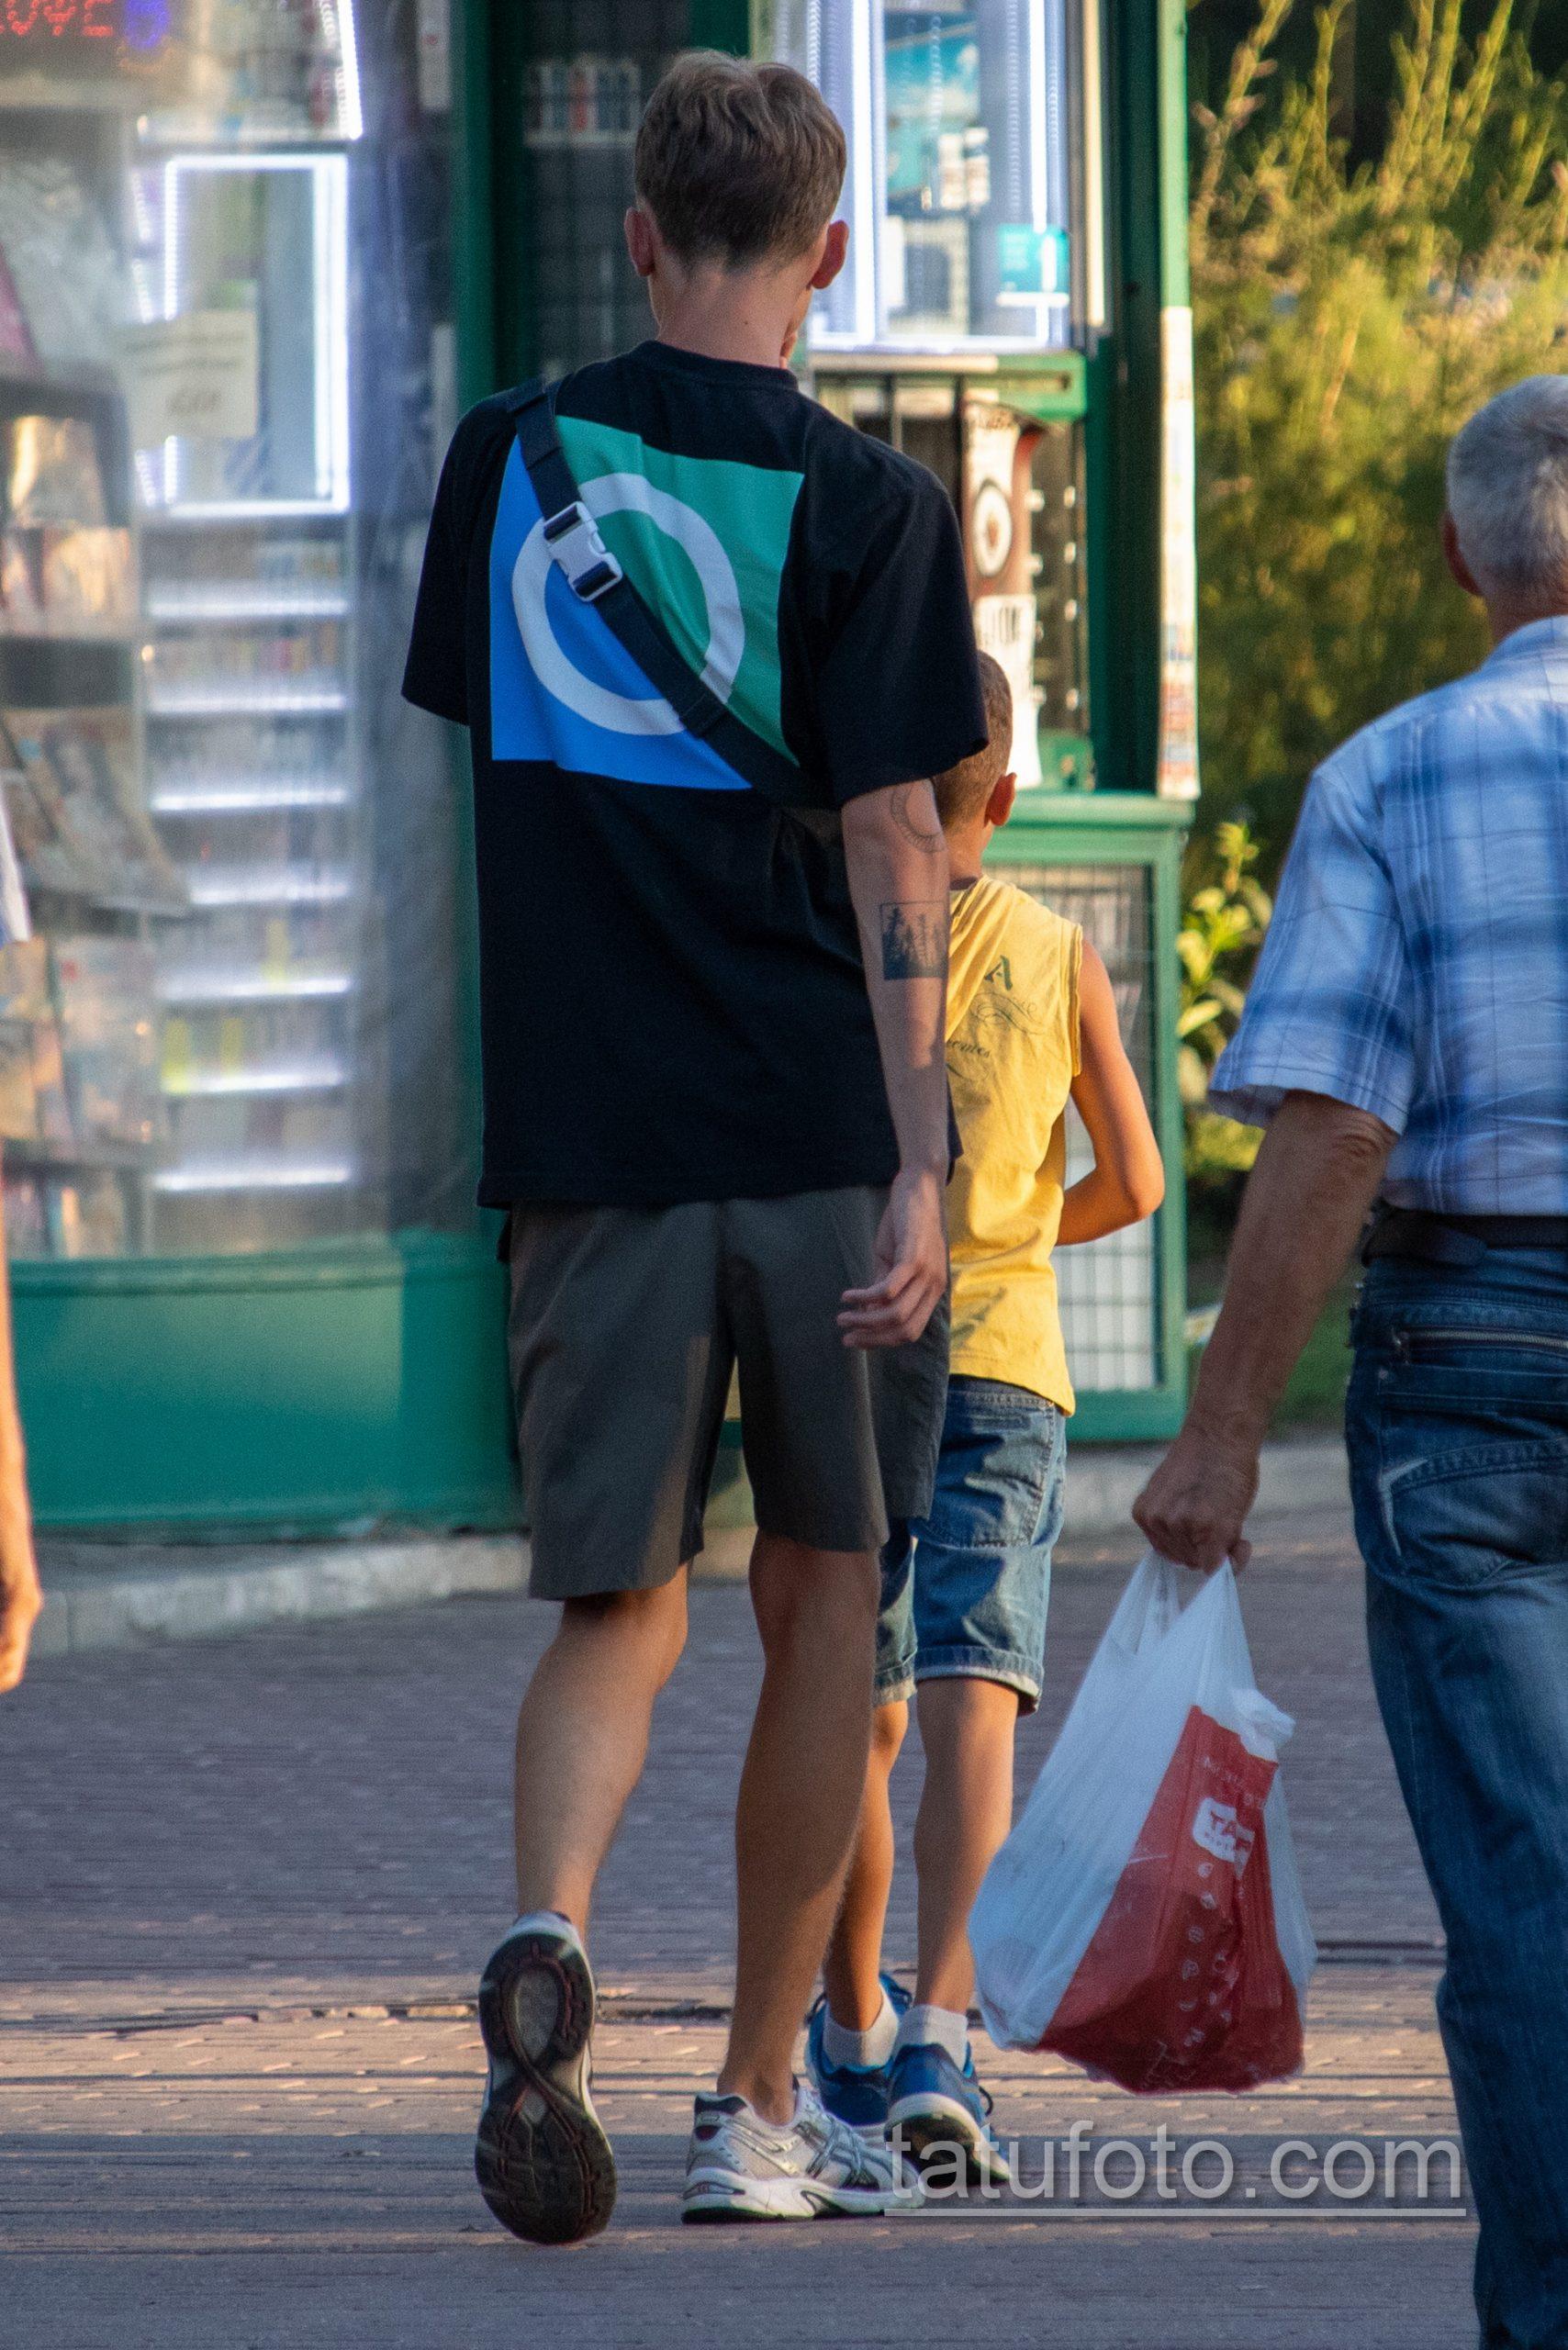 Тату лес в квадрате на руке парня - Уличная татуировка 14.09.2020 – tatufoto.com 5